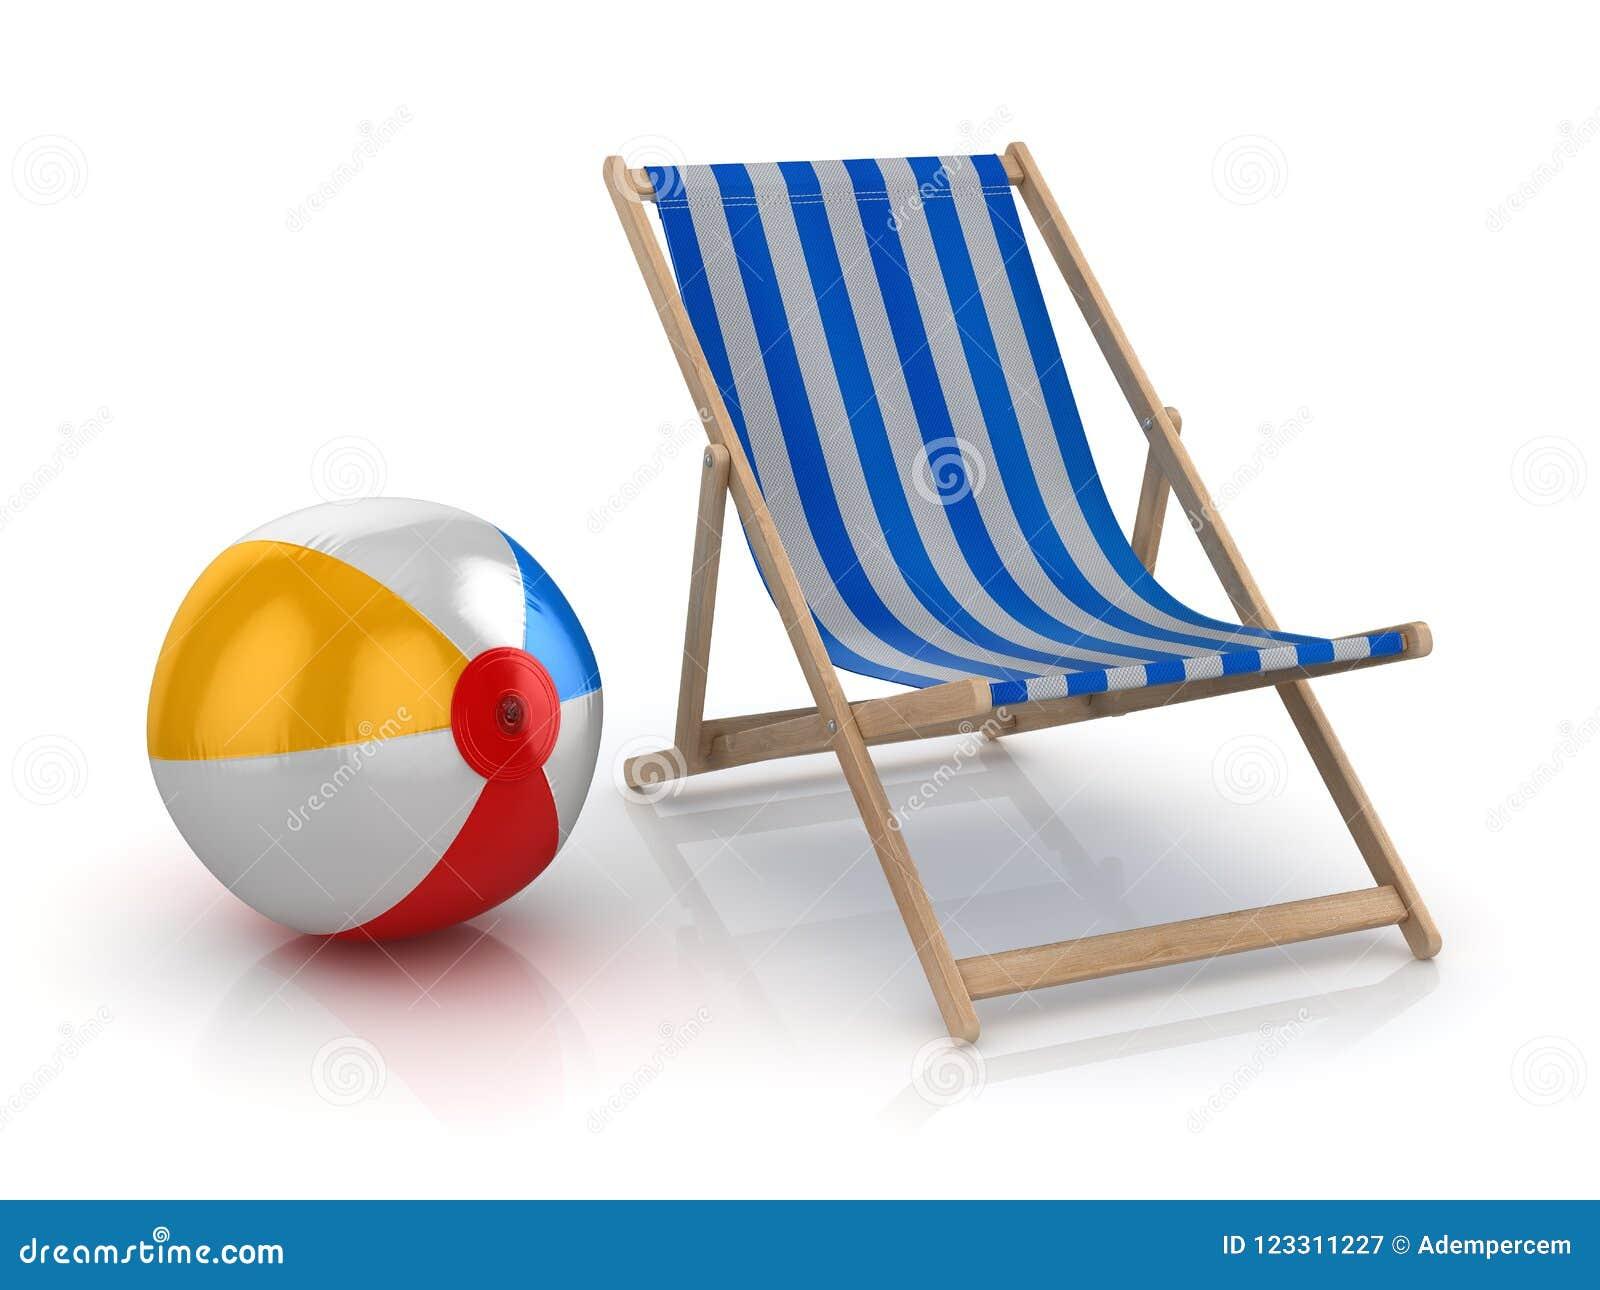 La silla colorida de la pelota de playa de playa ésta es una imagen  generada por daac8fd48af7